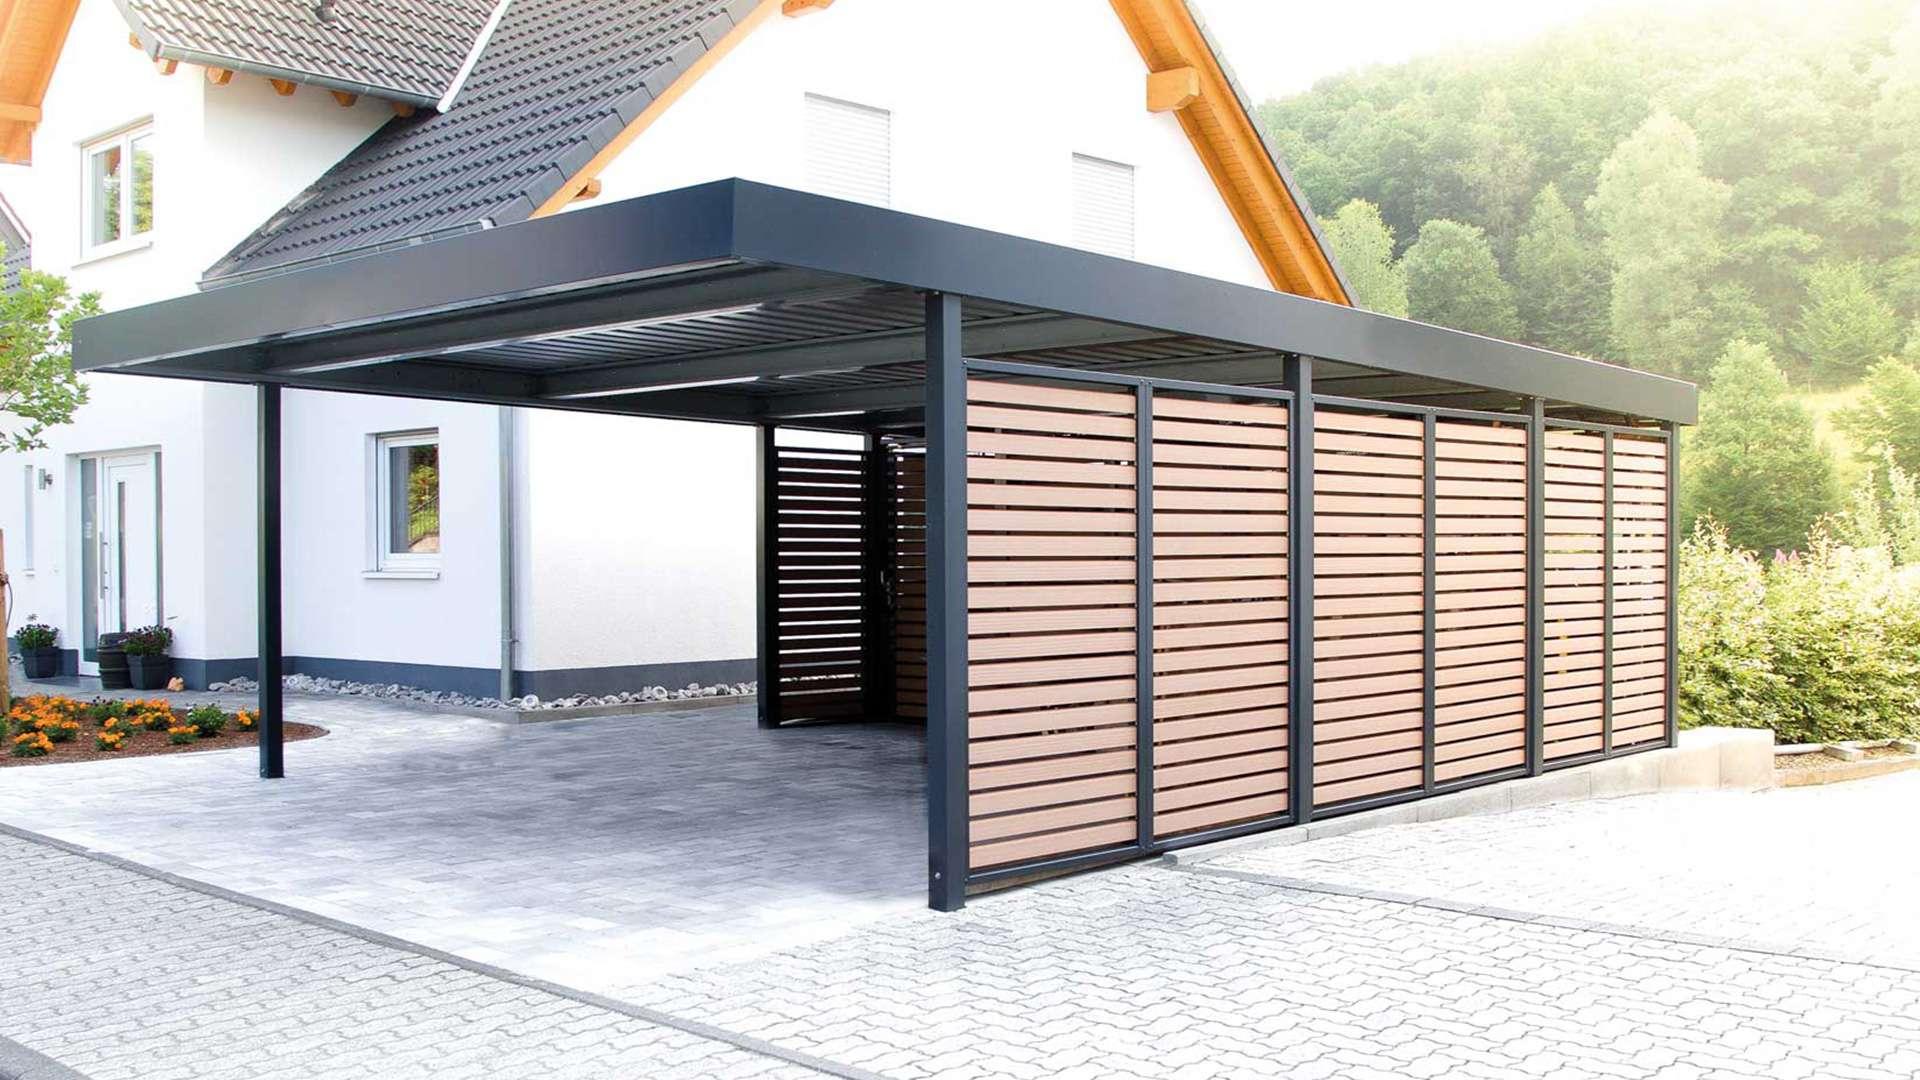 Carport mit seitlichen Sichtschutz auf dem Hof eines Einfamilienhauses